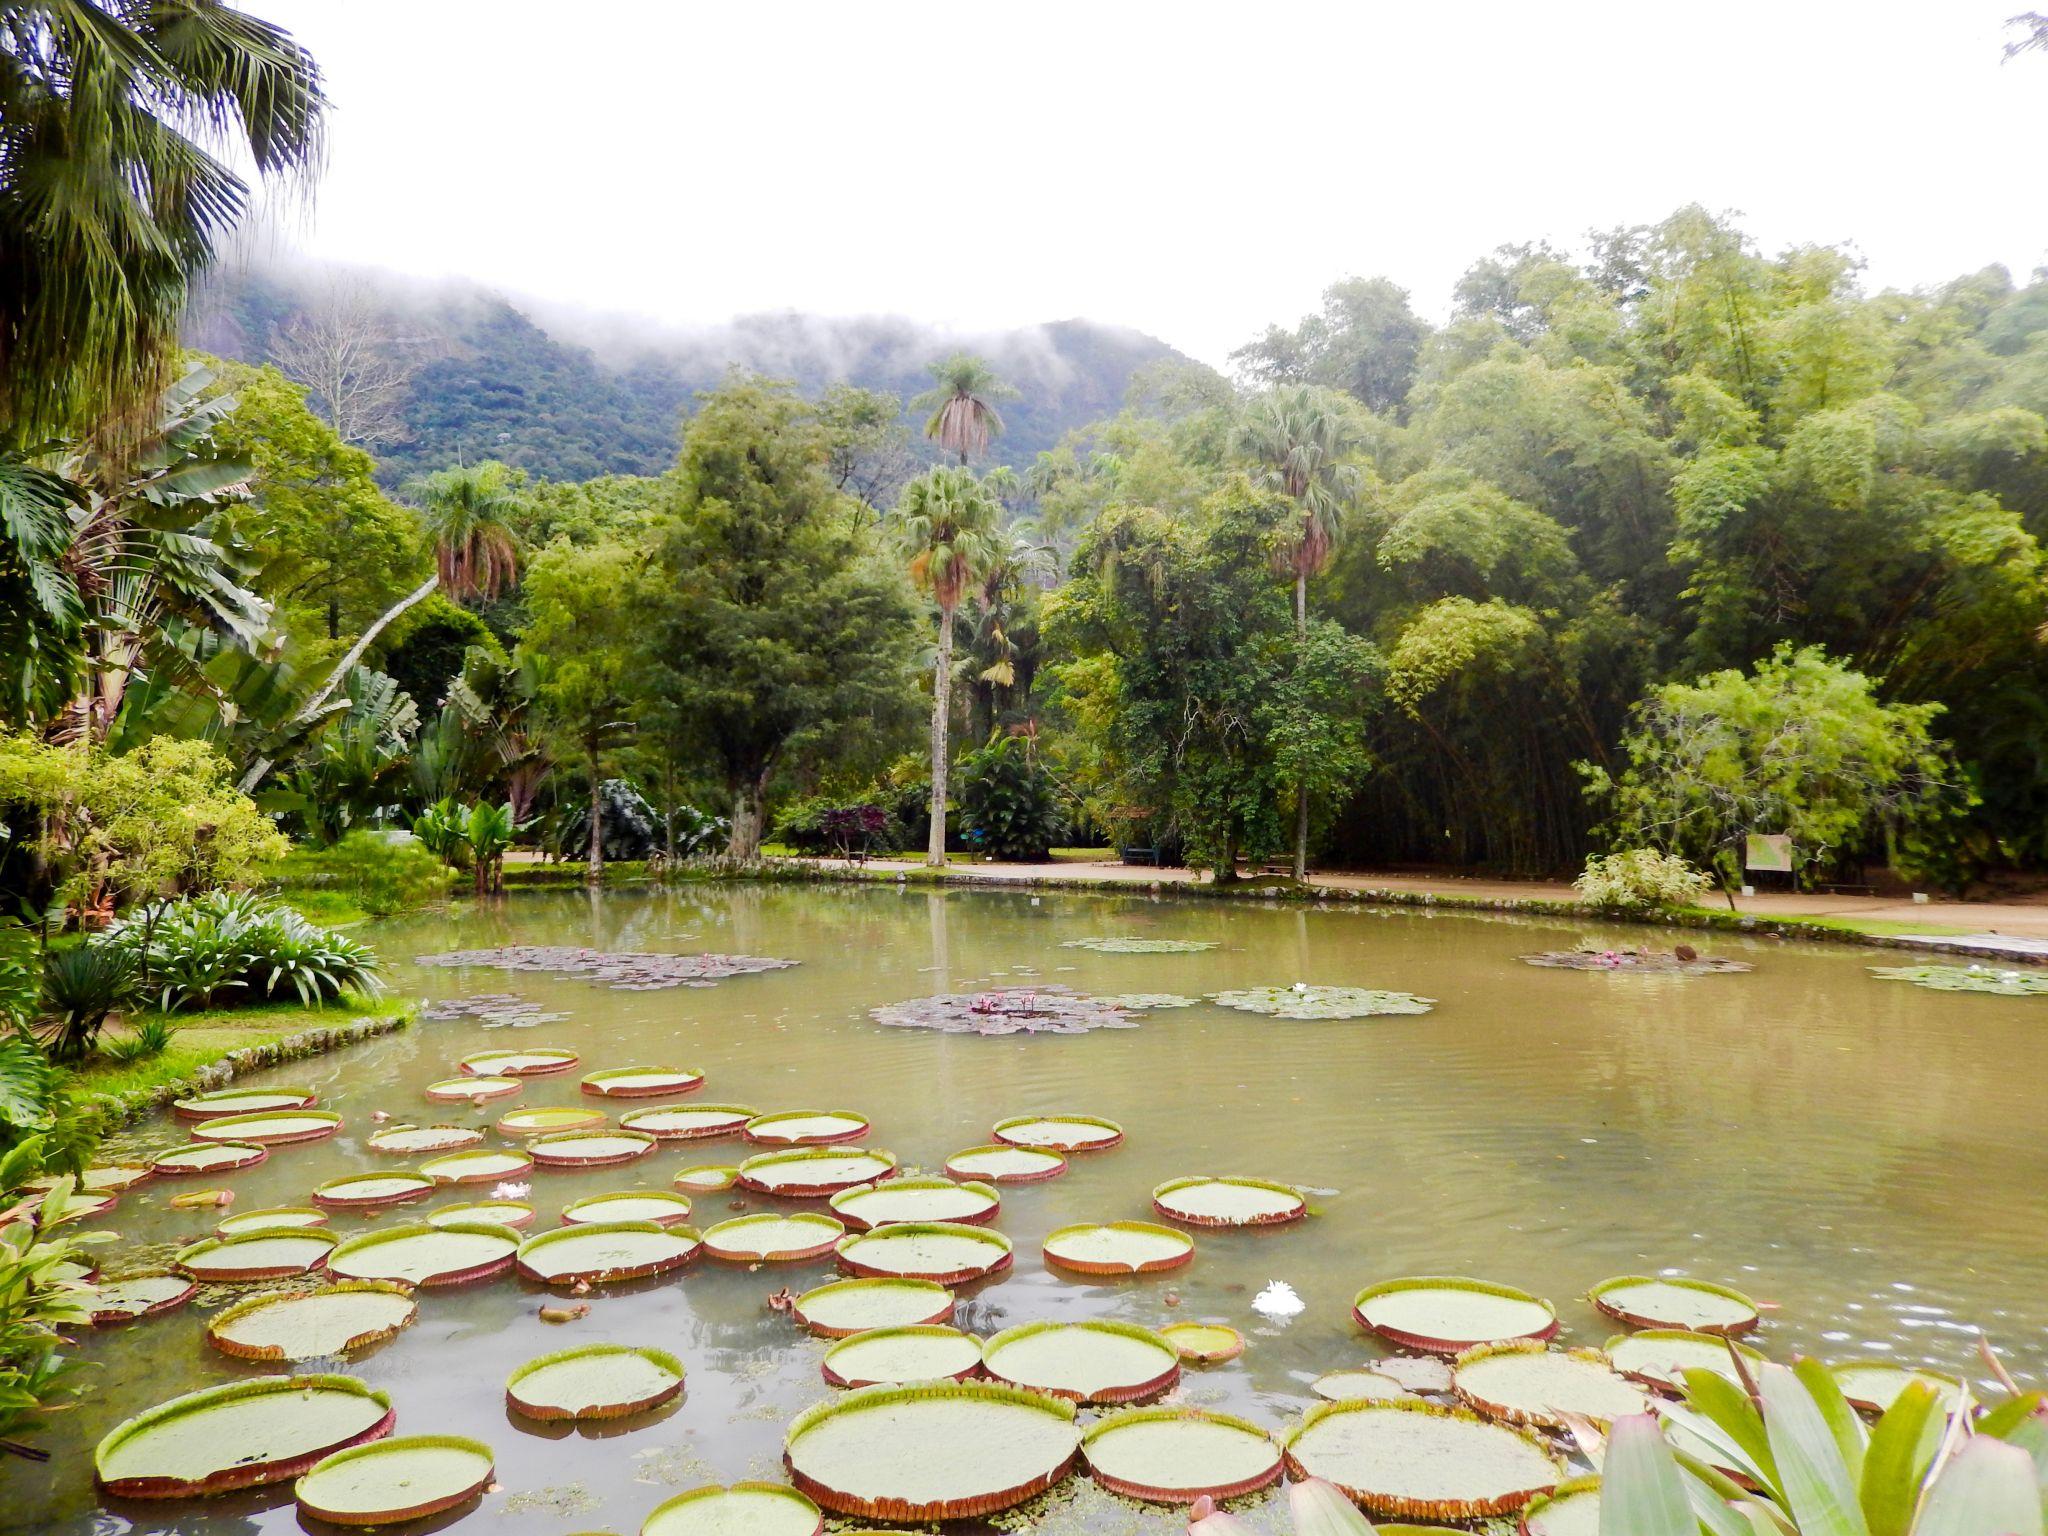 Lake in Rio de Janeiro botanical garden